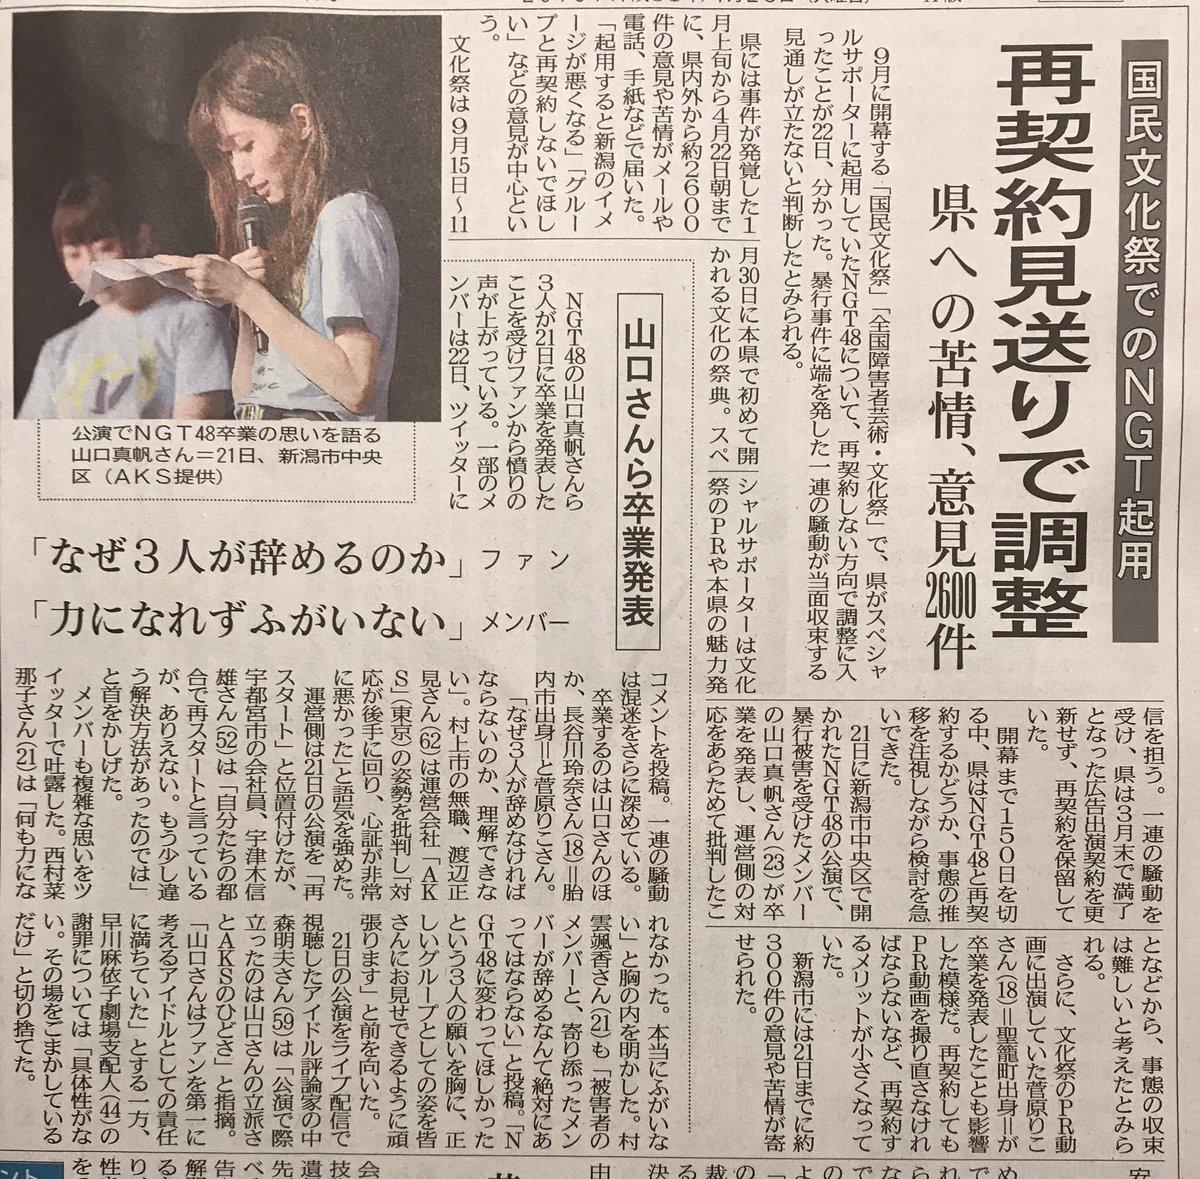 【悲報】新潟日報「国民文化祭でのNGT起用、再契約見送りで調整 県への苦情、意見2600件」